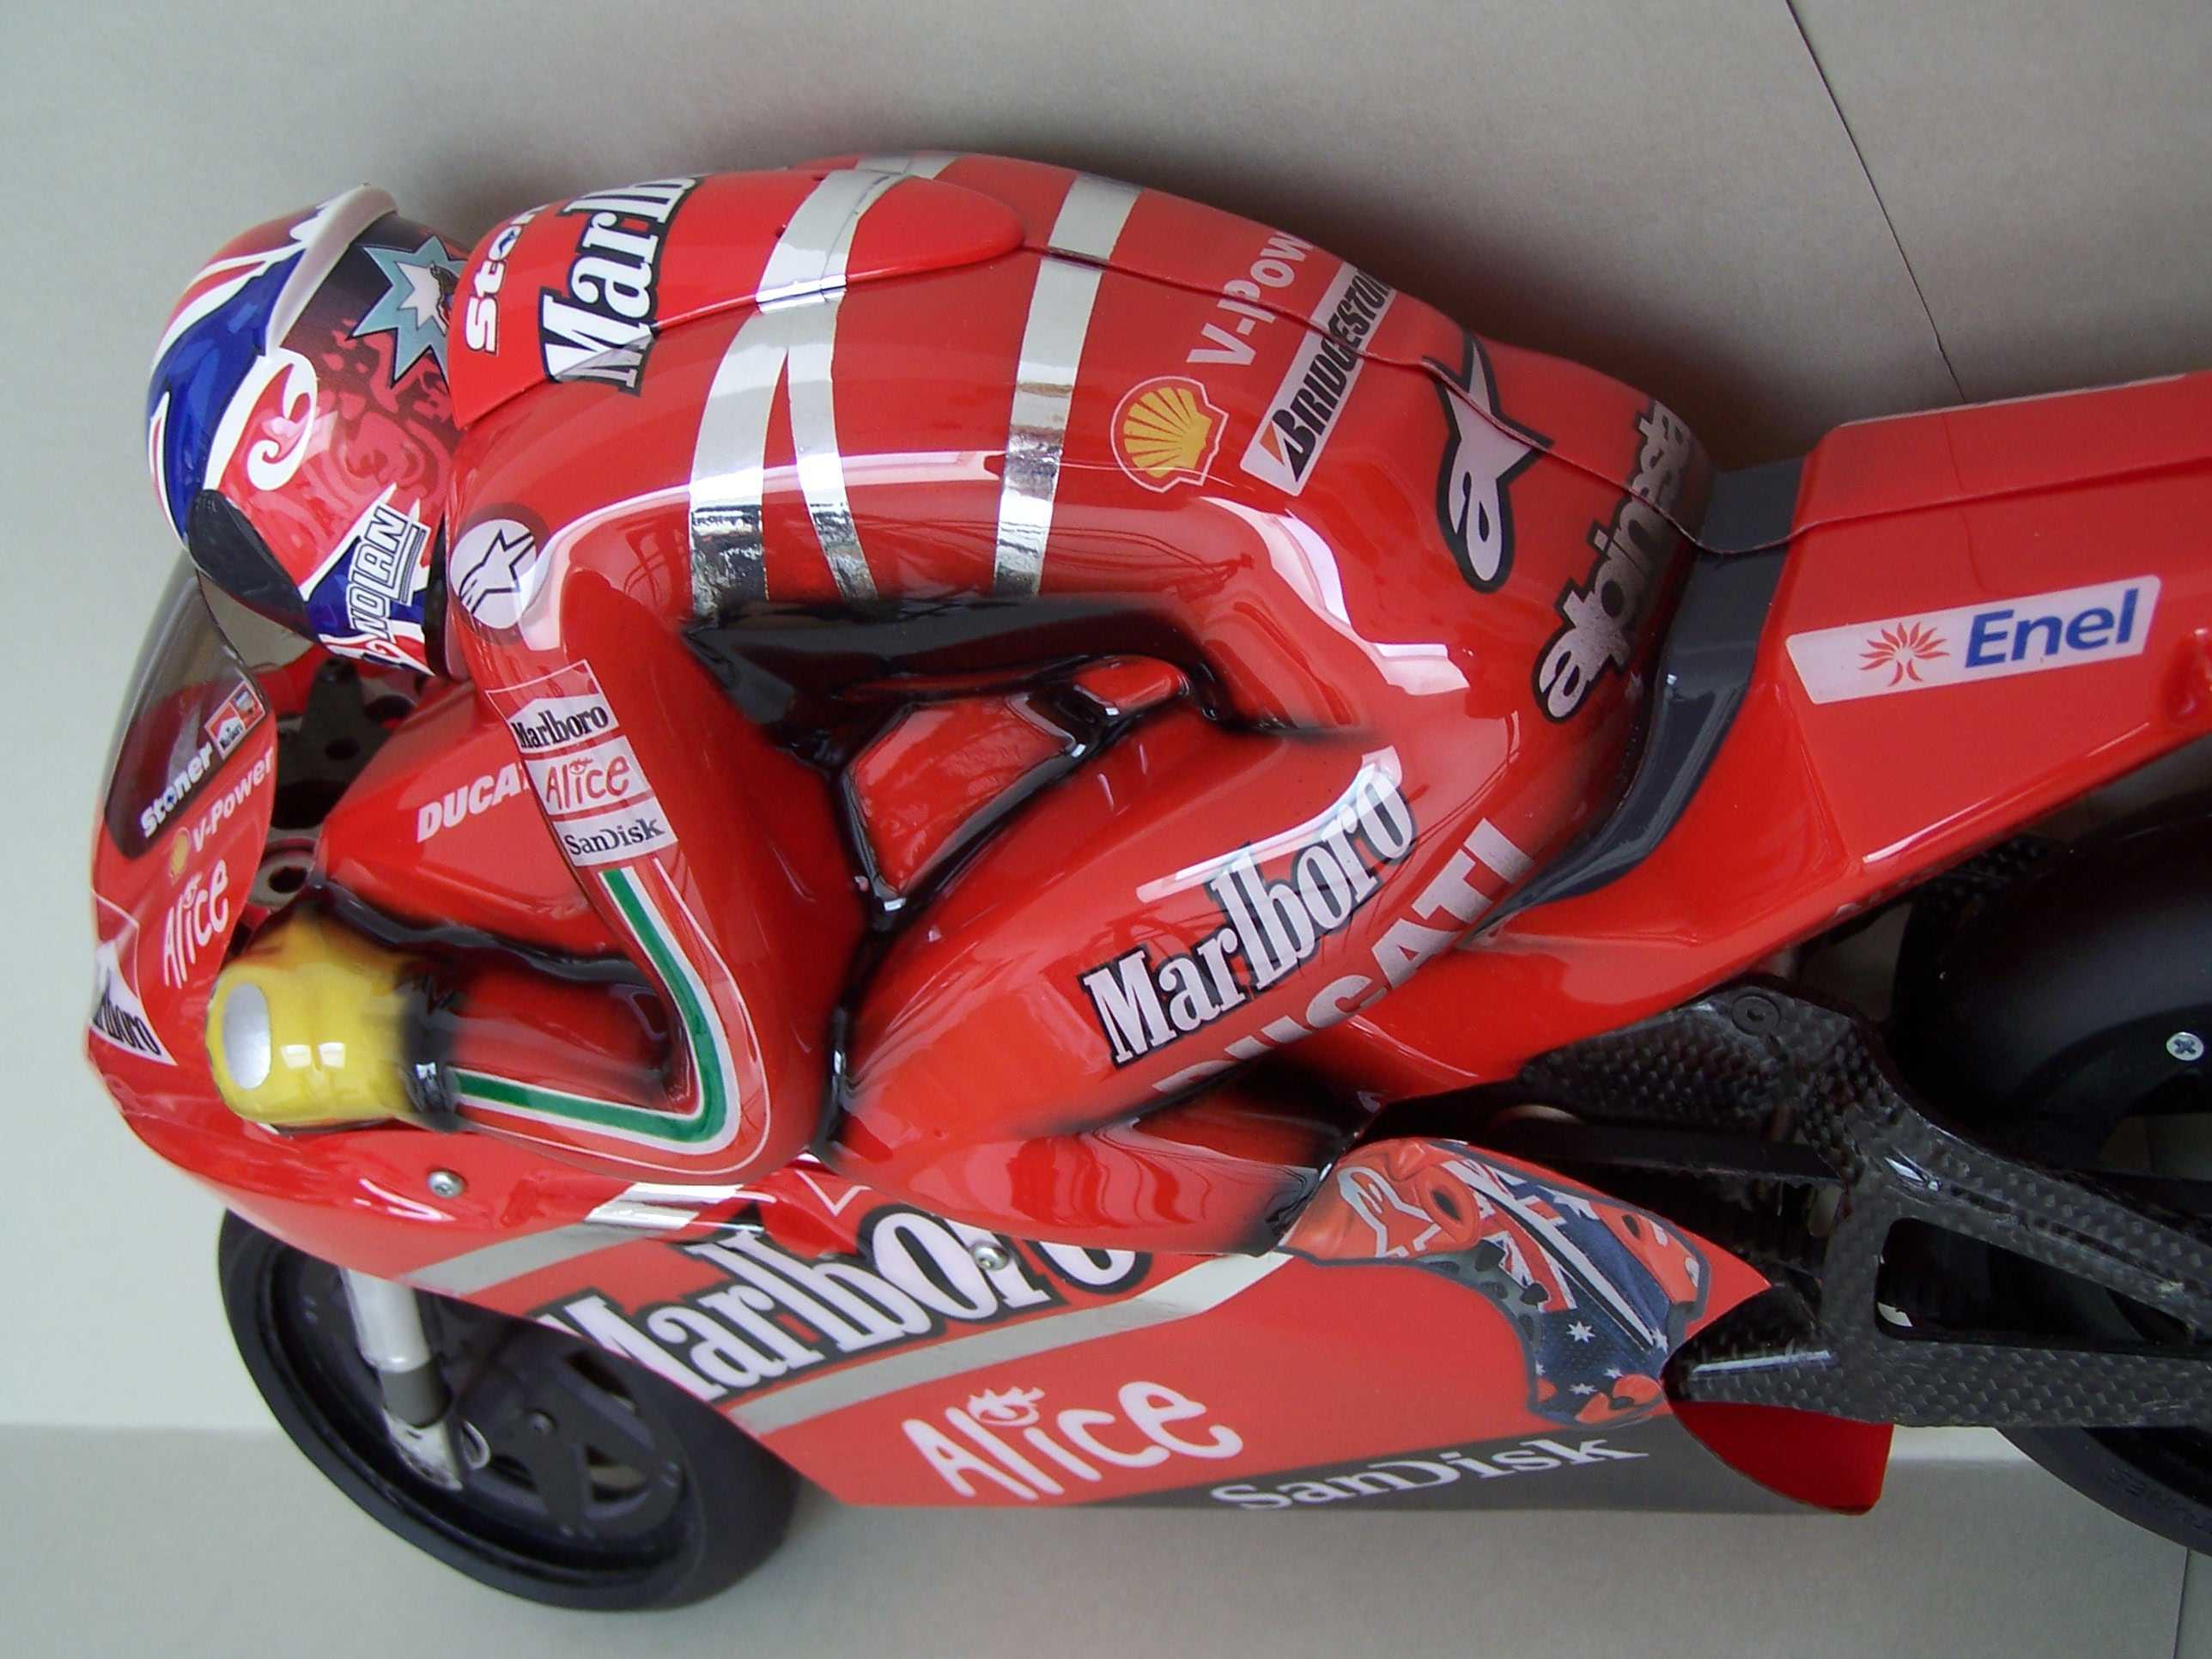 [Marlboro-Ducati-Stoner-2008-7.jpg]